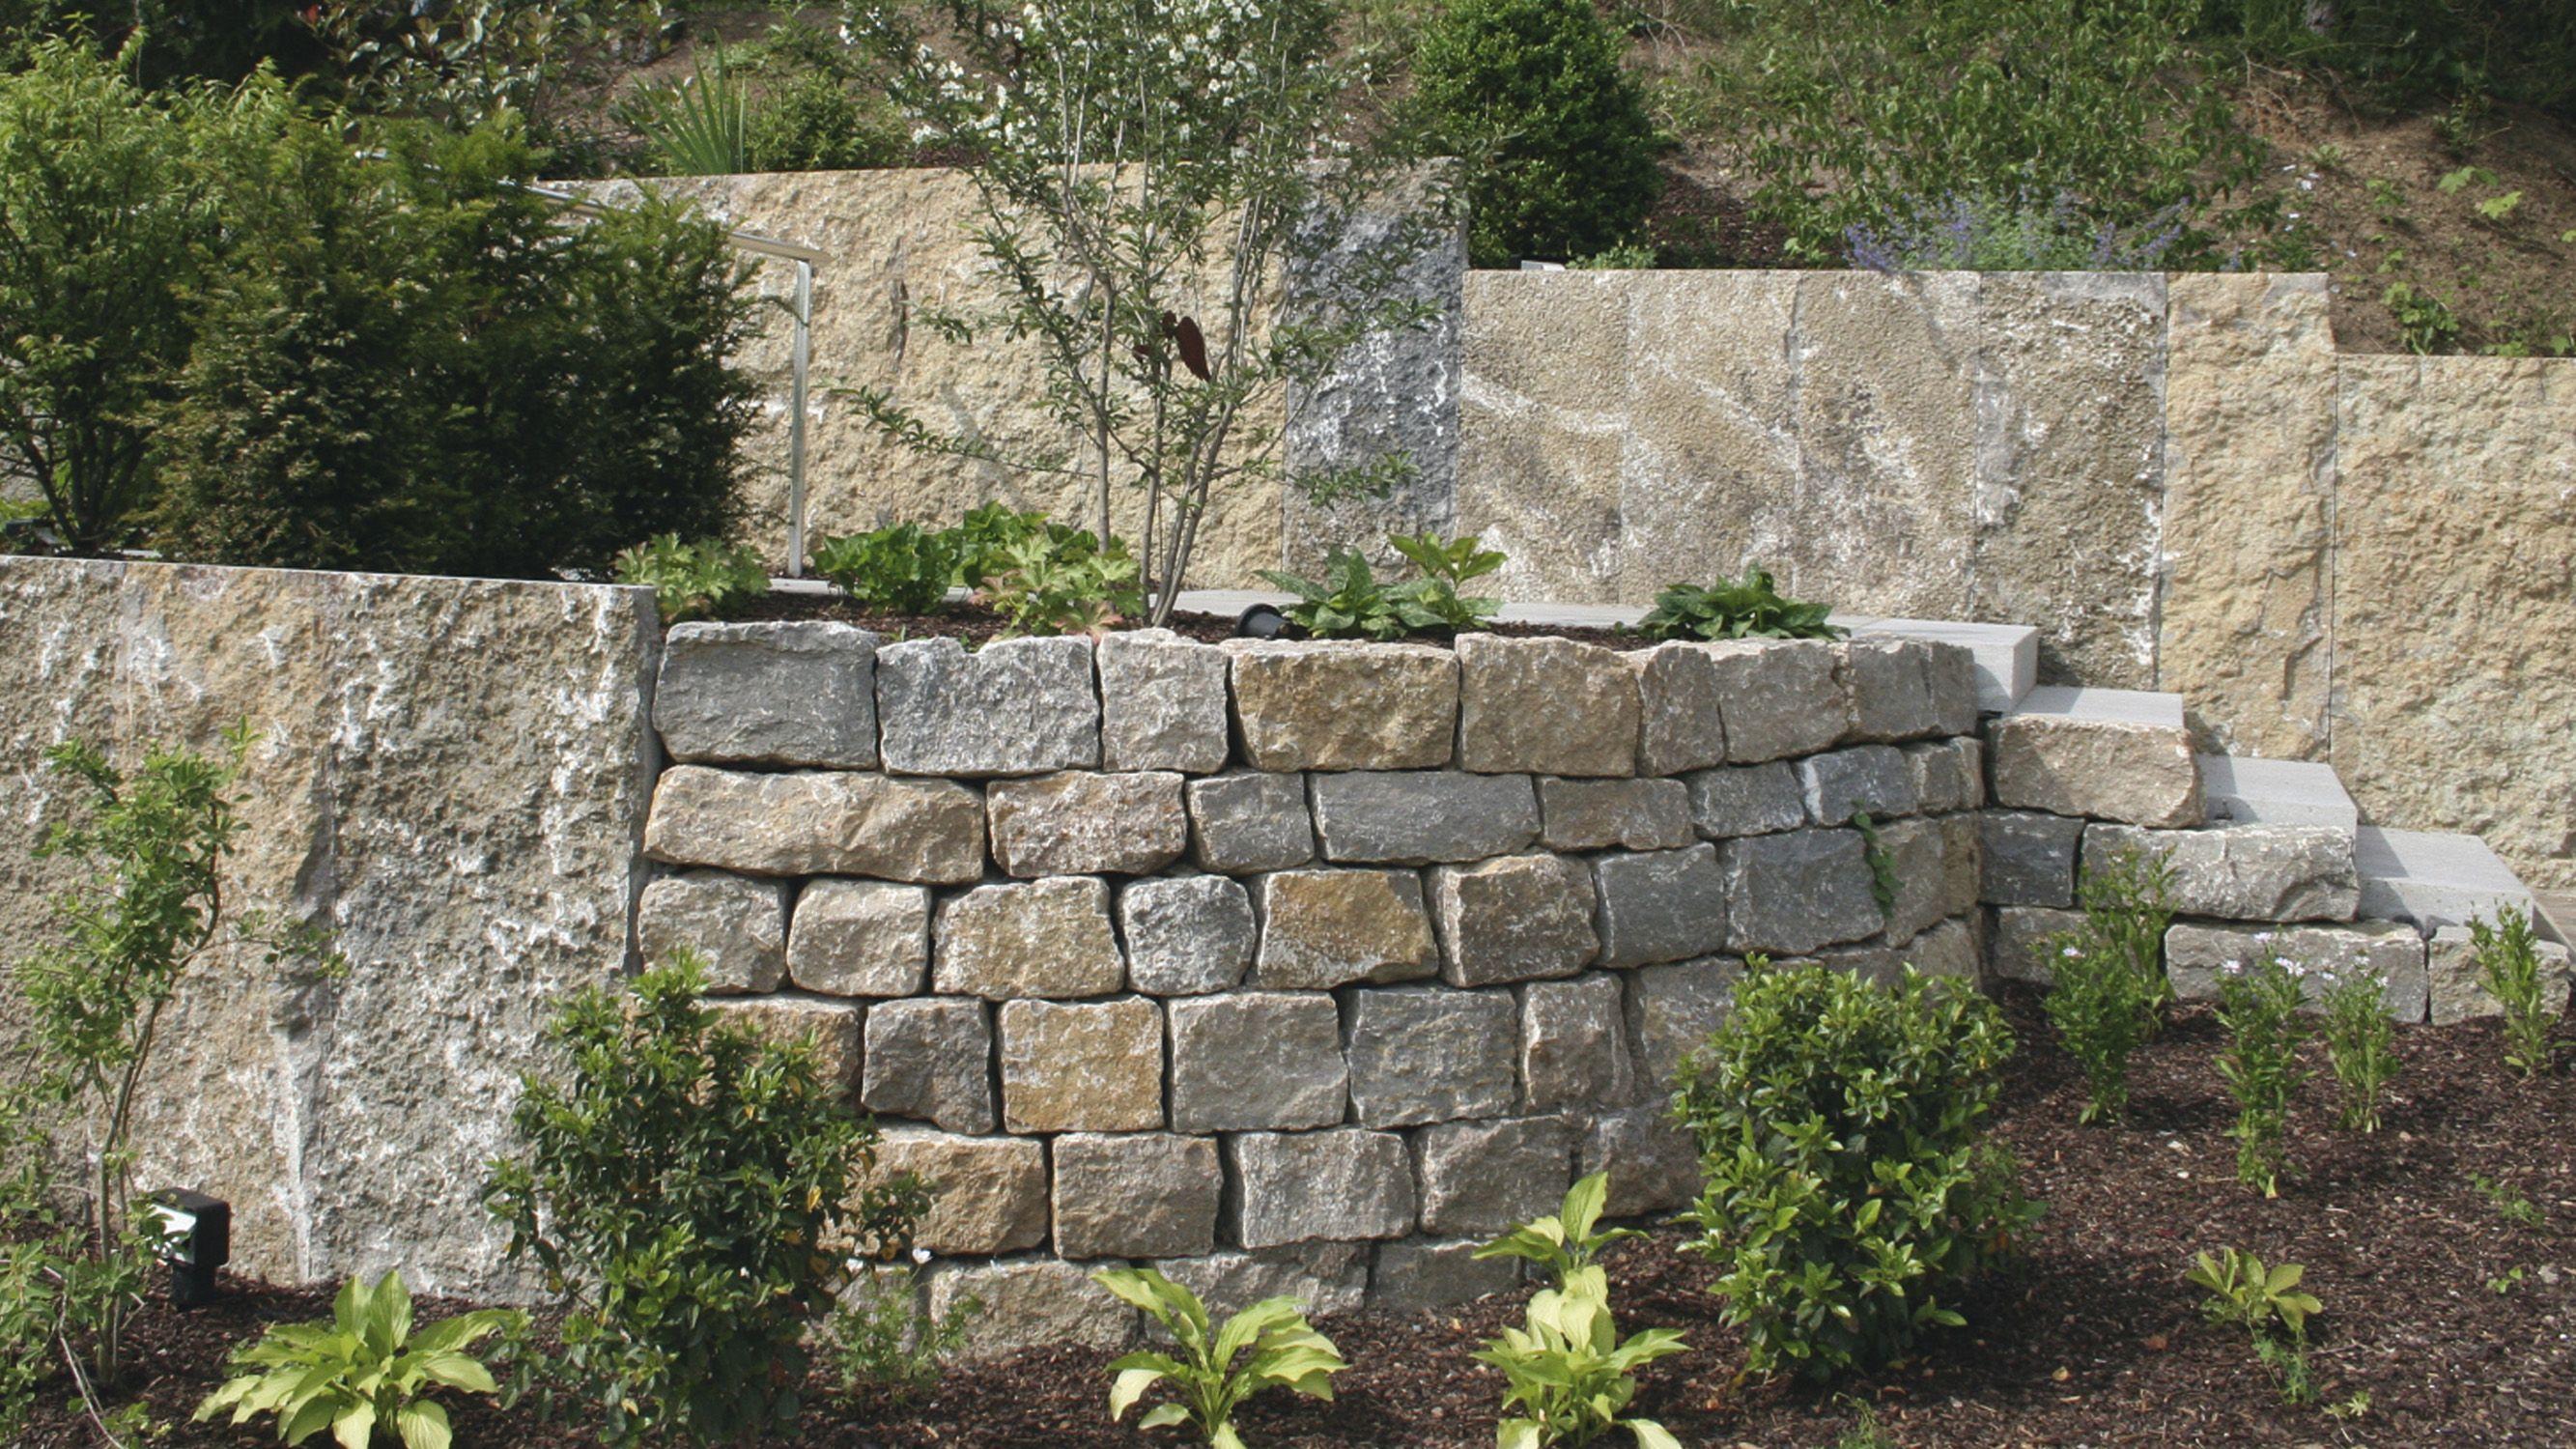 Bruchsteine Garten Steine Mauer Garten Porphyr Steine Natursteine